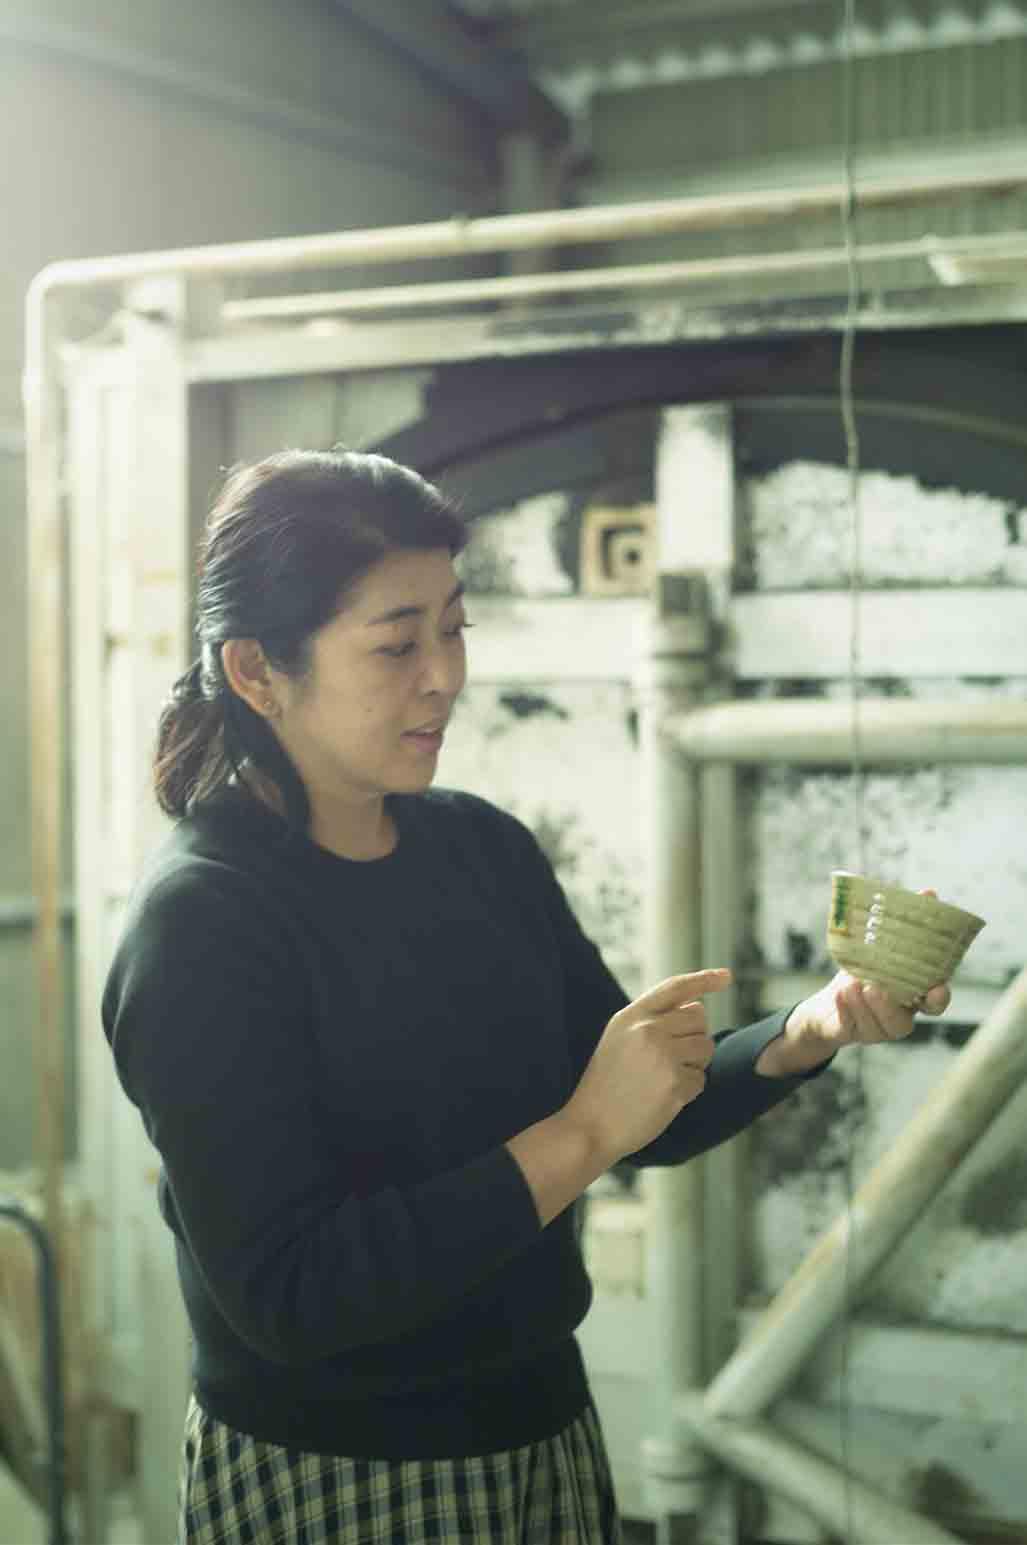 飯島奈美さんフードスタイリスト。TVCM、広告、映画などで活躍中。主な仕事に、映画「かもめ食堂」などがある。